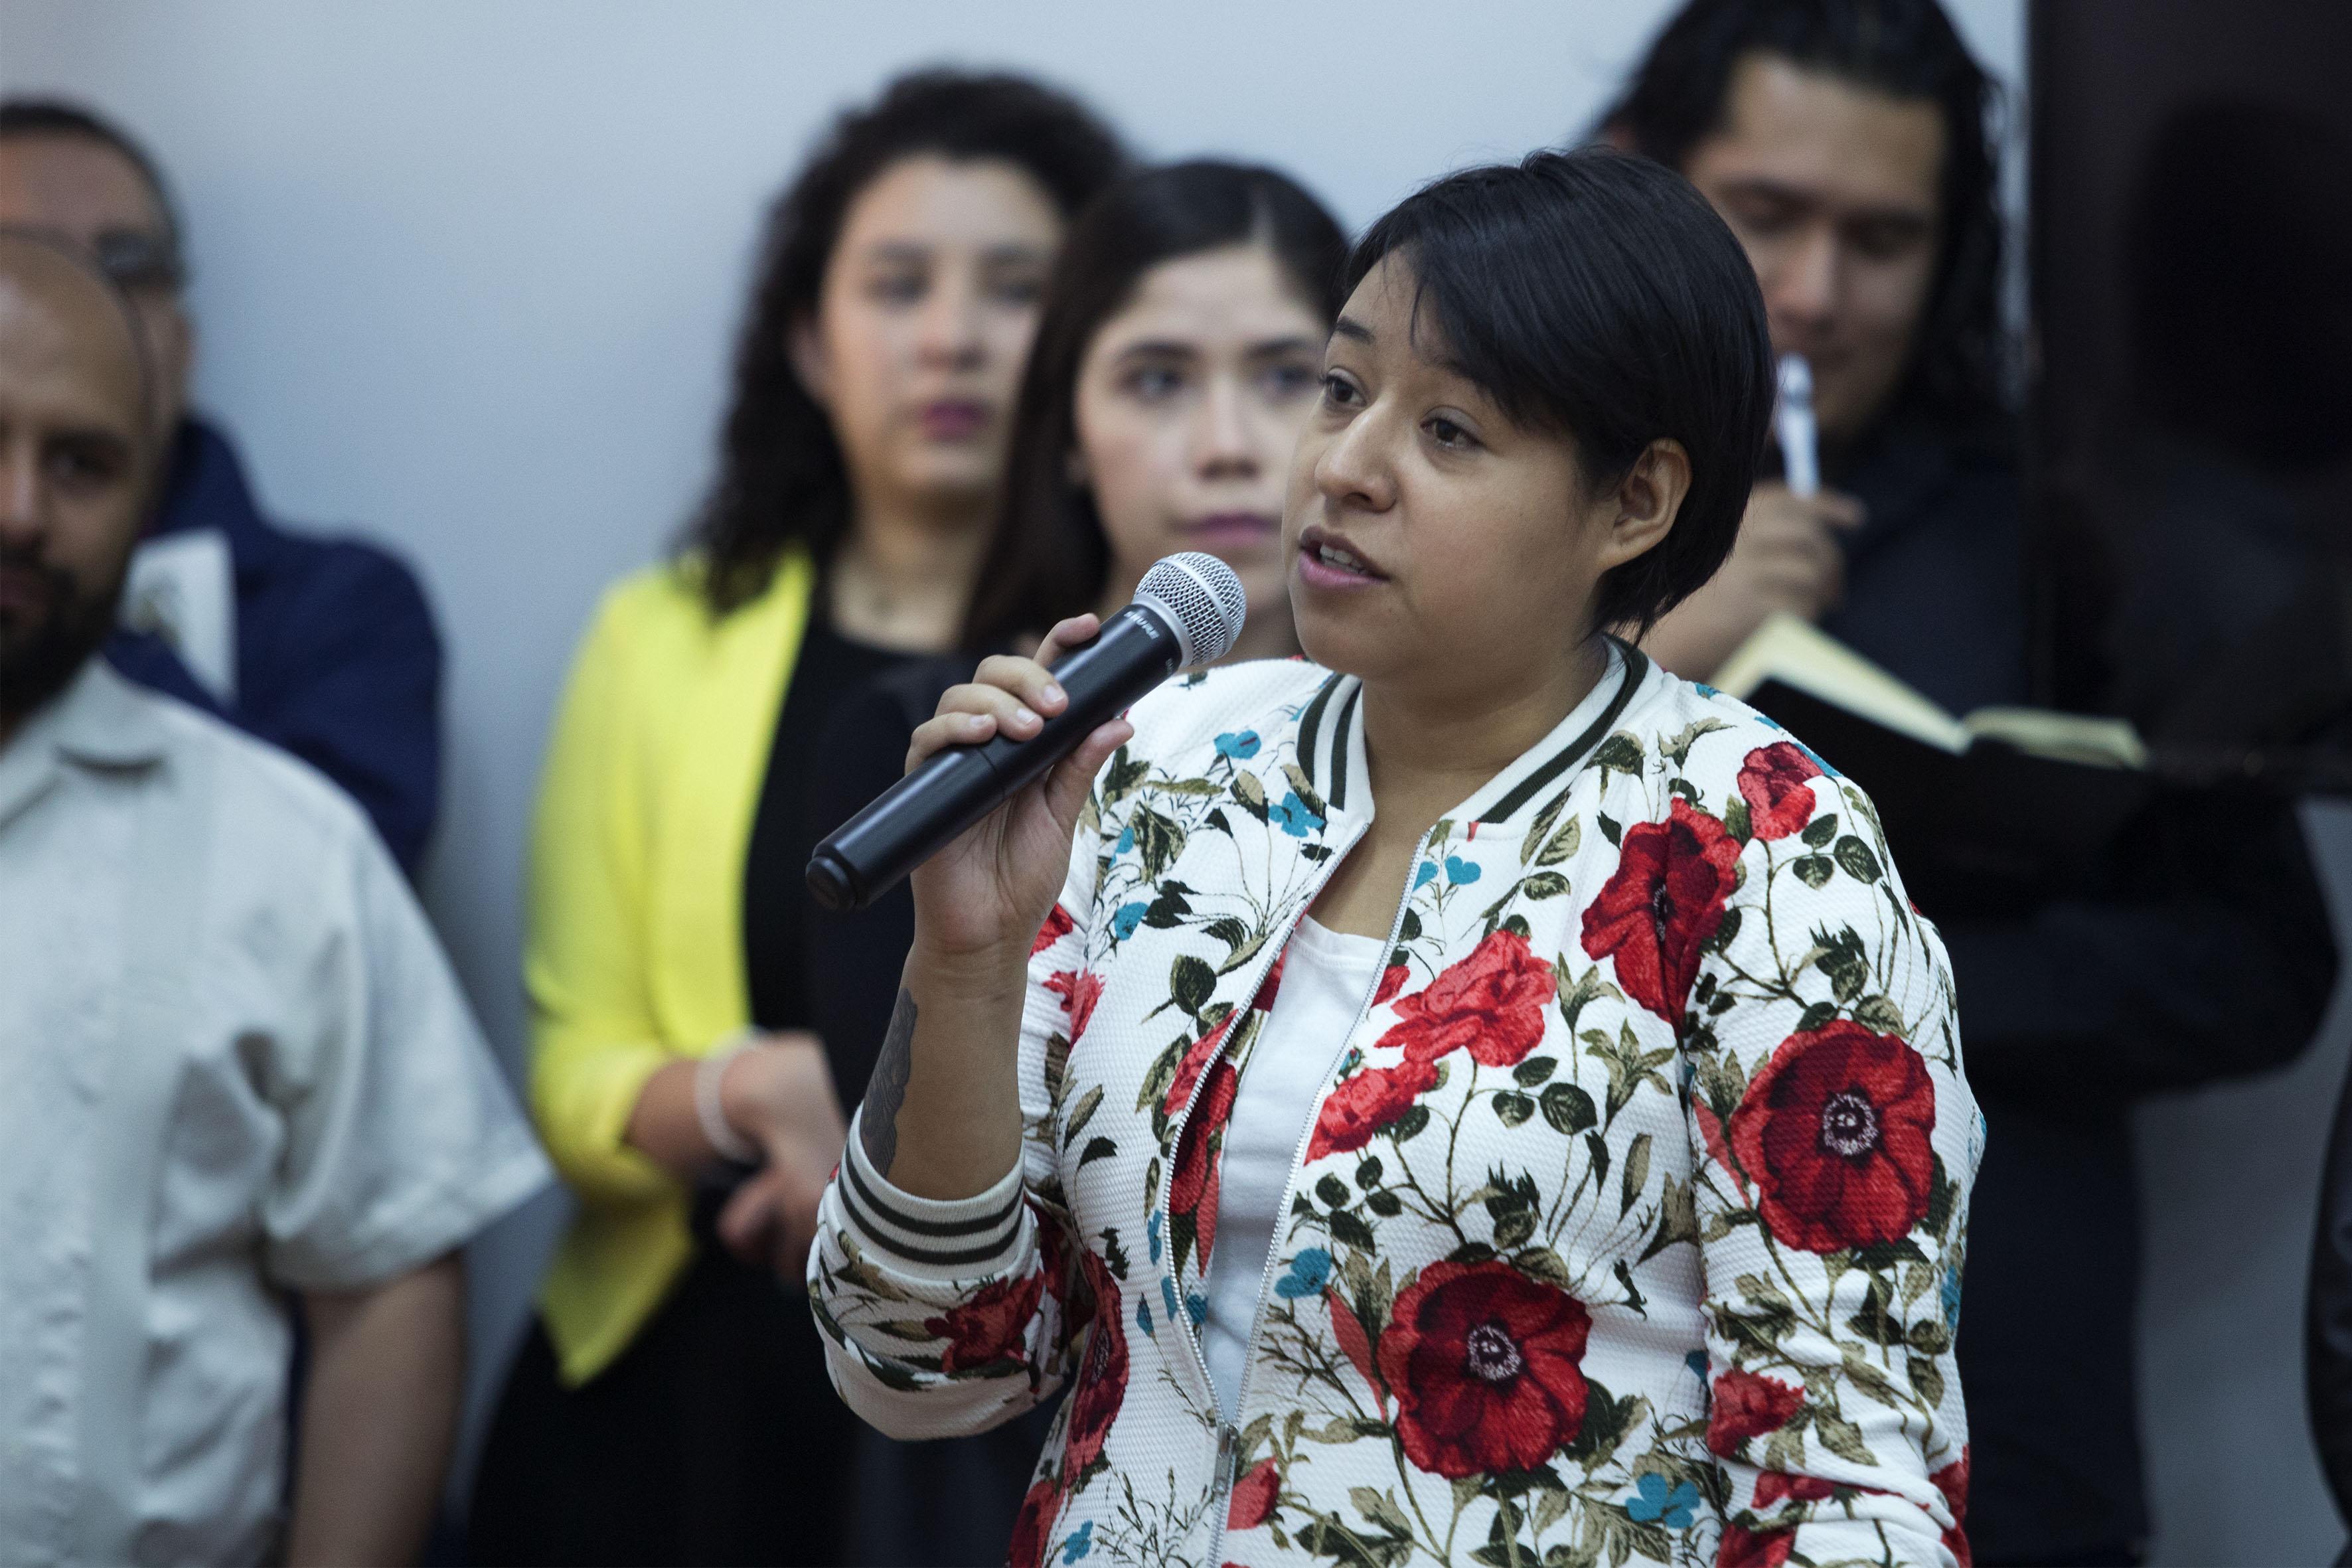 Alumna asistente a la charla, participando en la sesión de preguntas y respuestas.